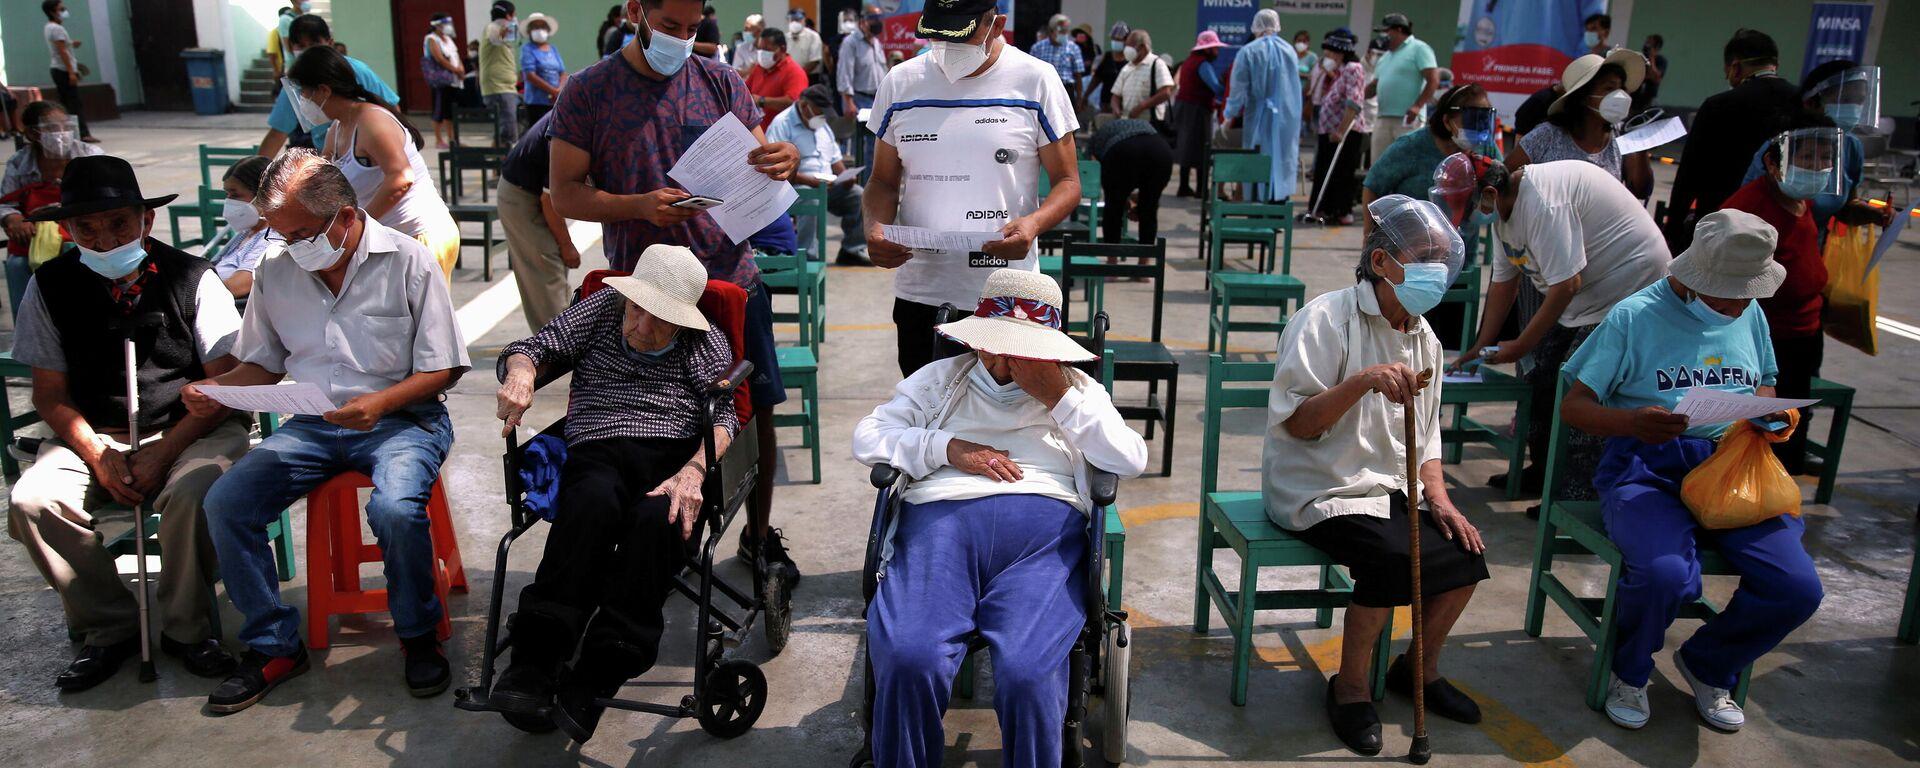 Vacunación anti-COVID en Lima, Perú - Sputnik Mundo, 1920, 09.04.2021